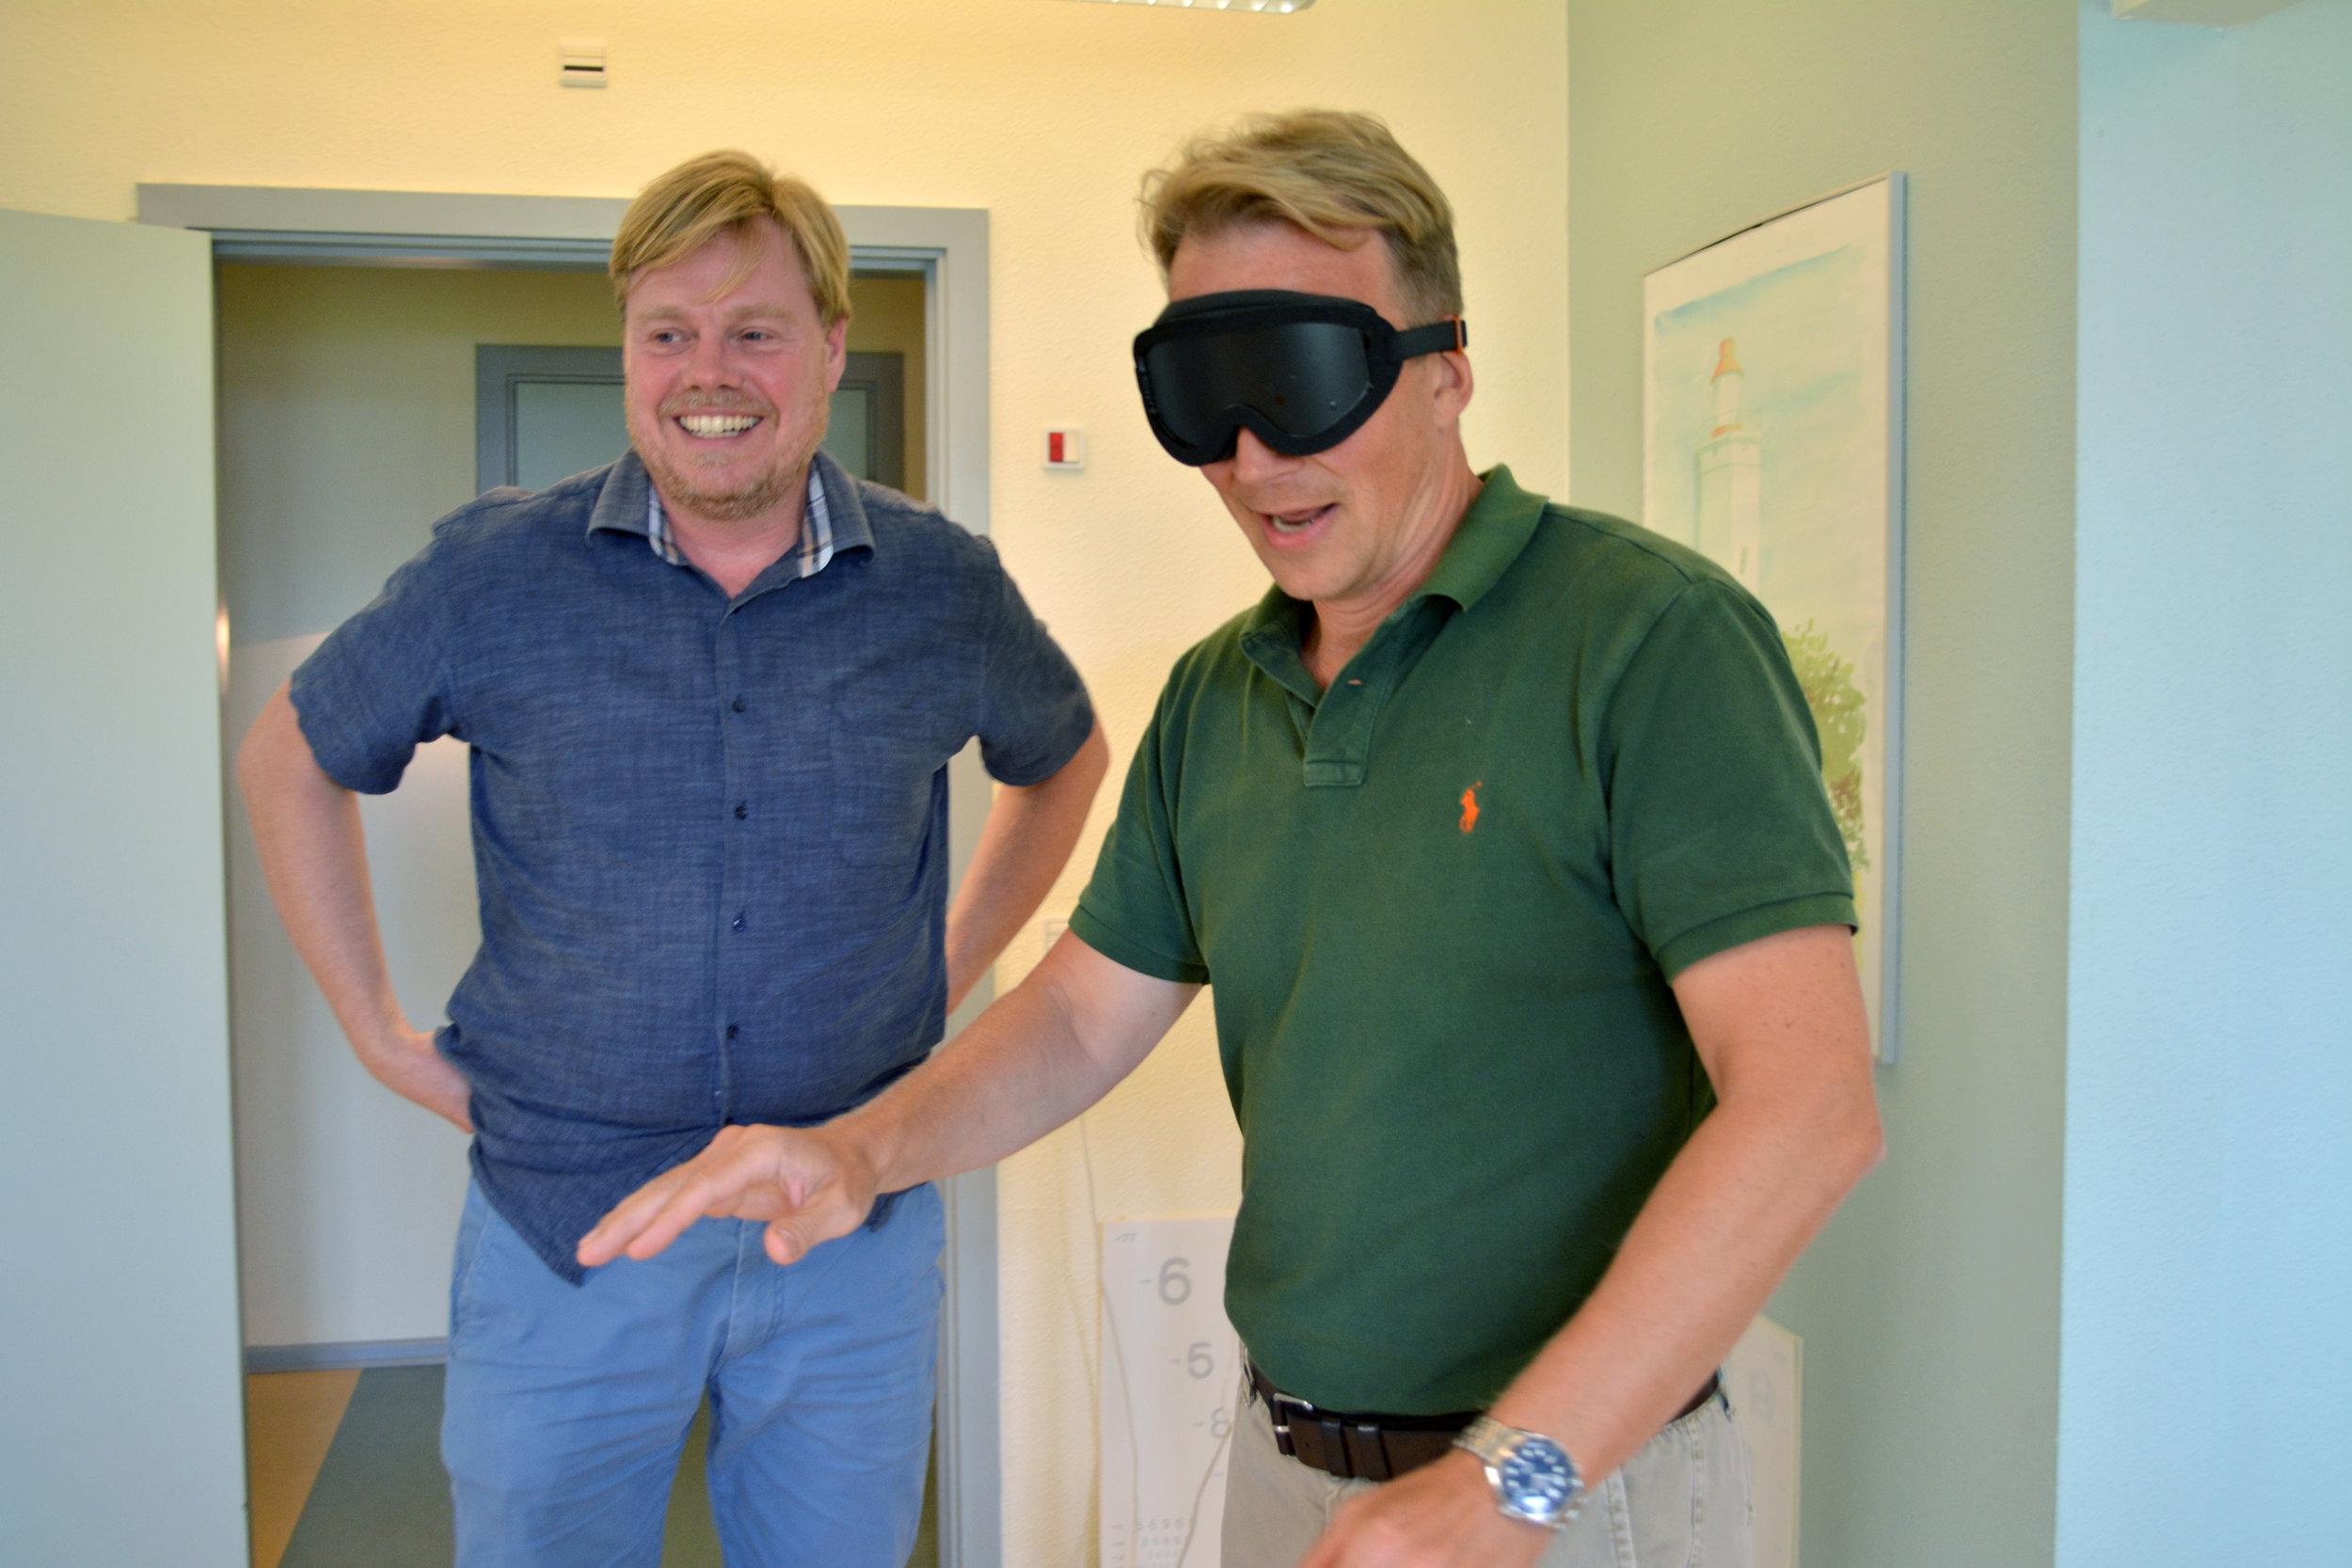 To workshop deltagere afprøver Perspectacles simulationsbriller